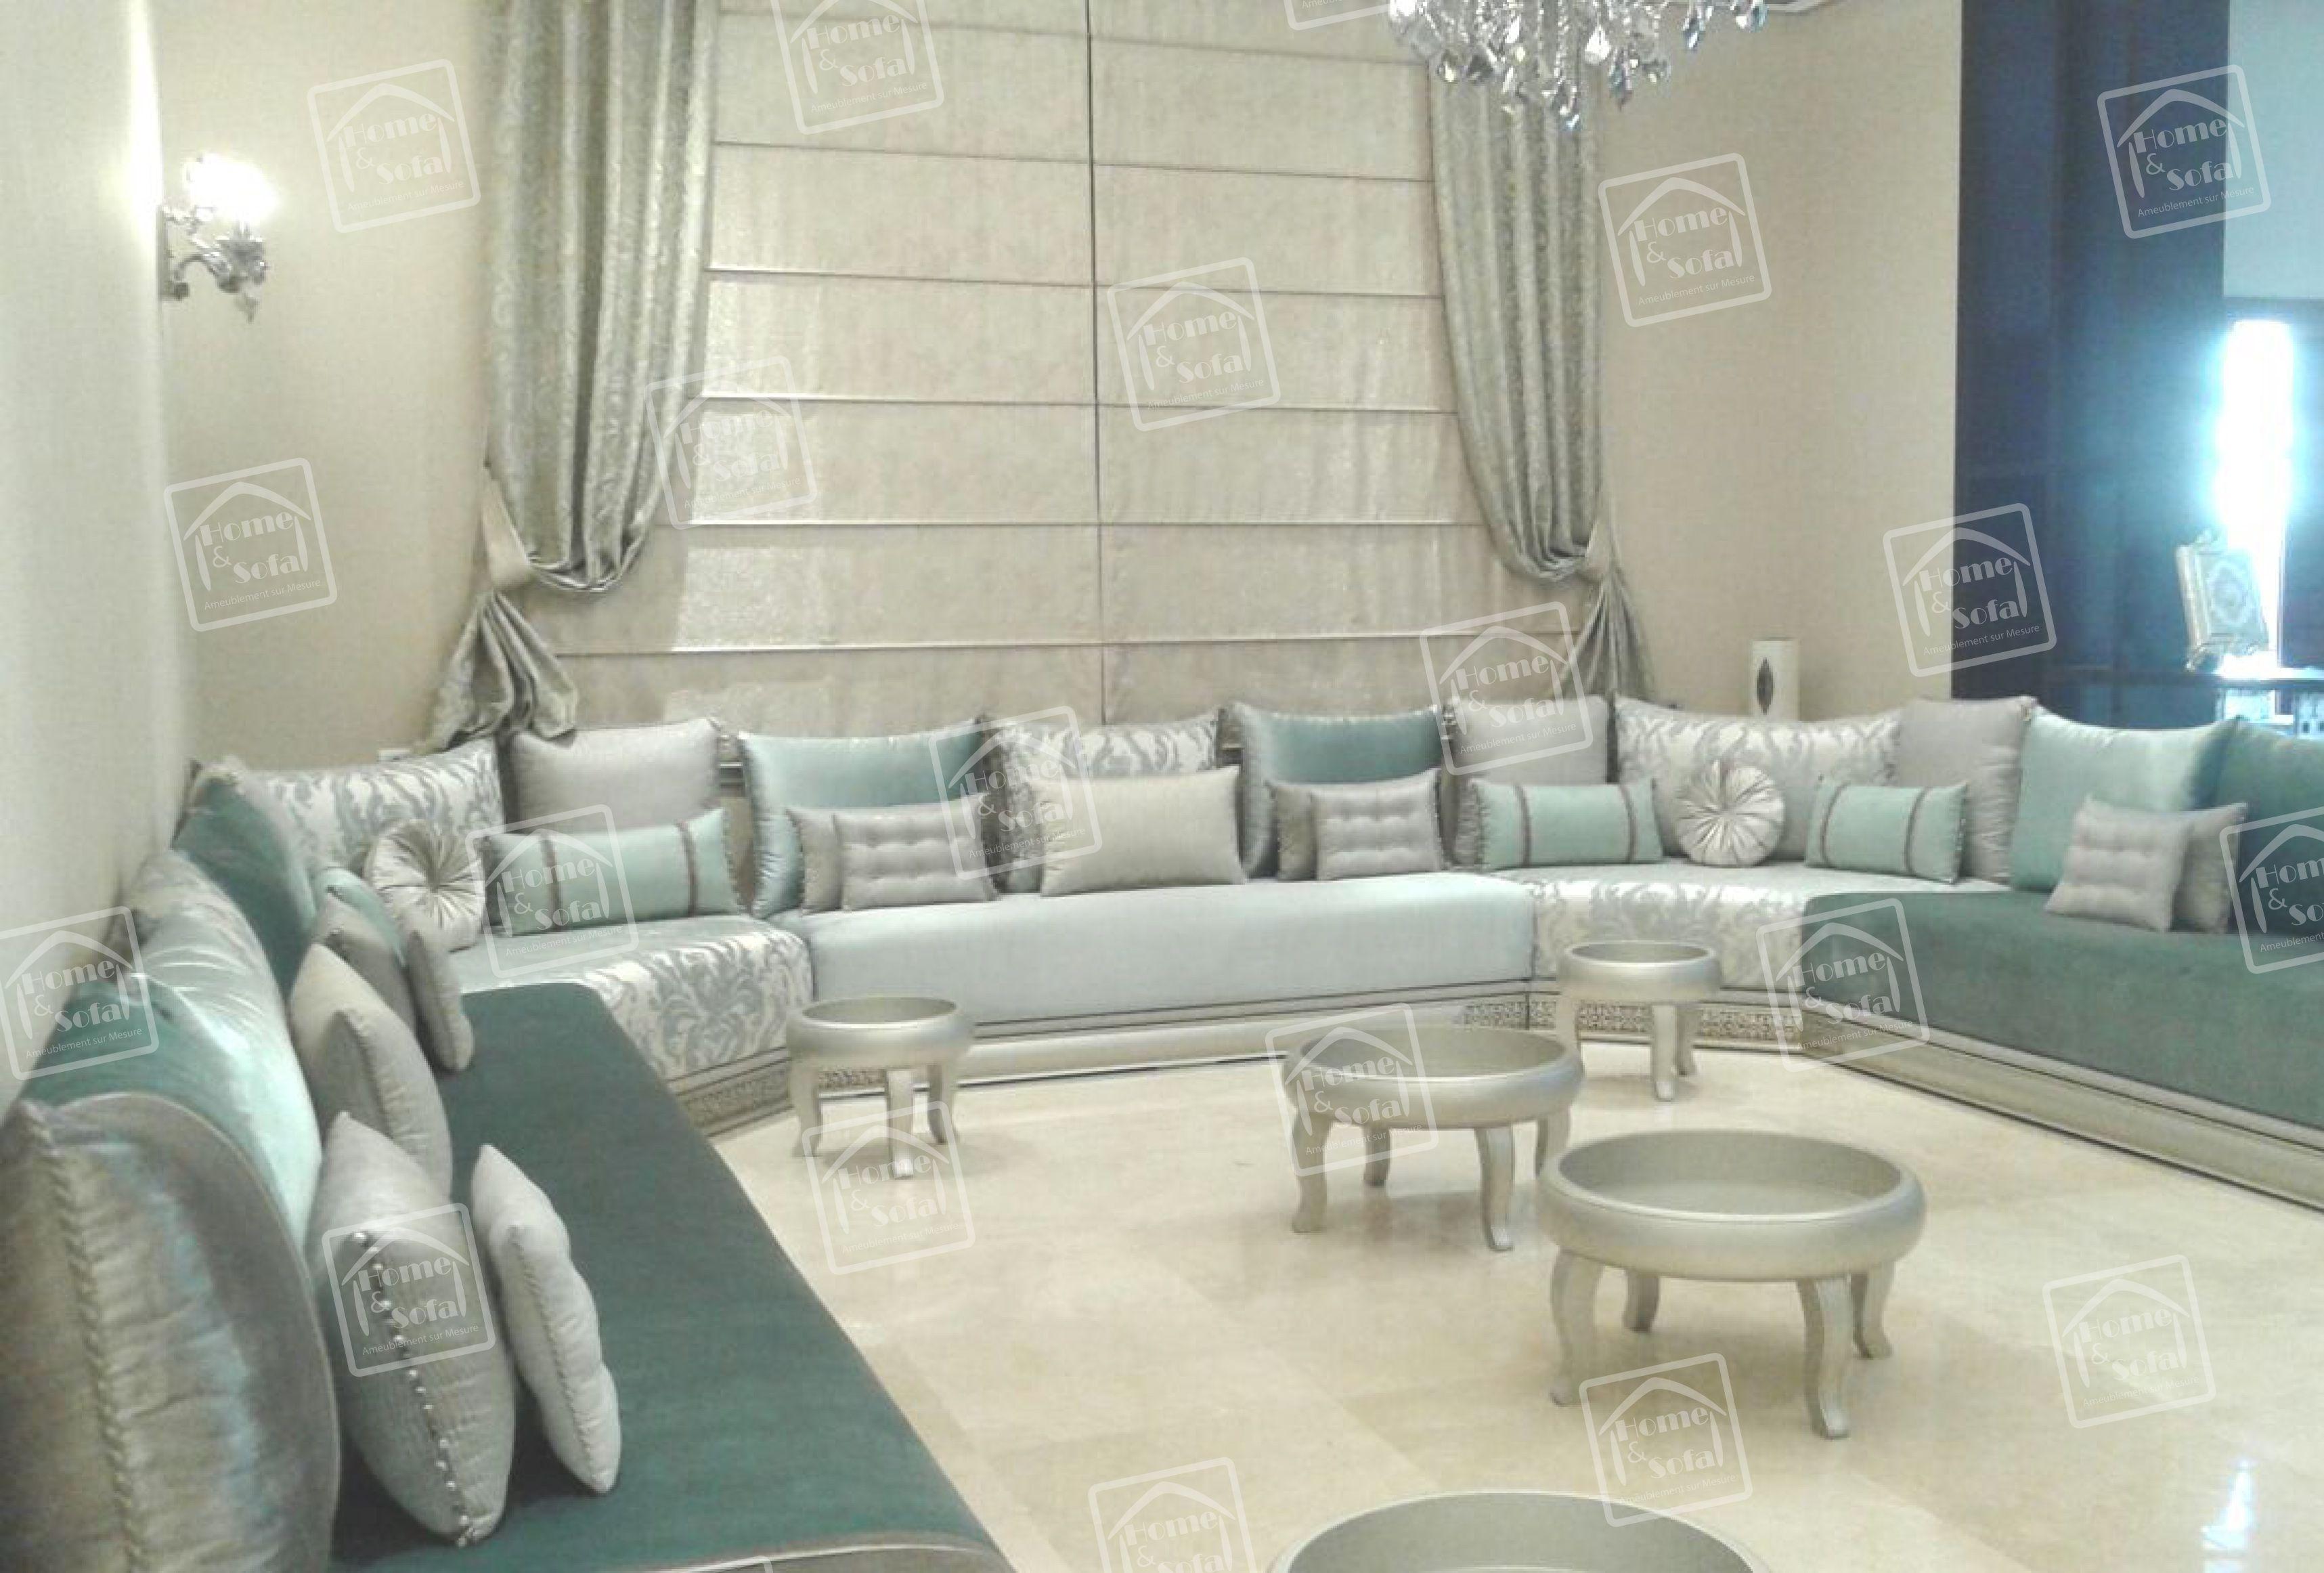 Home and Sofa - texture, agencements de couleurs et decoration